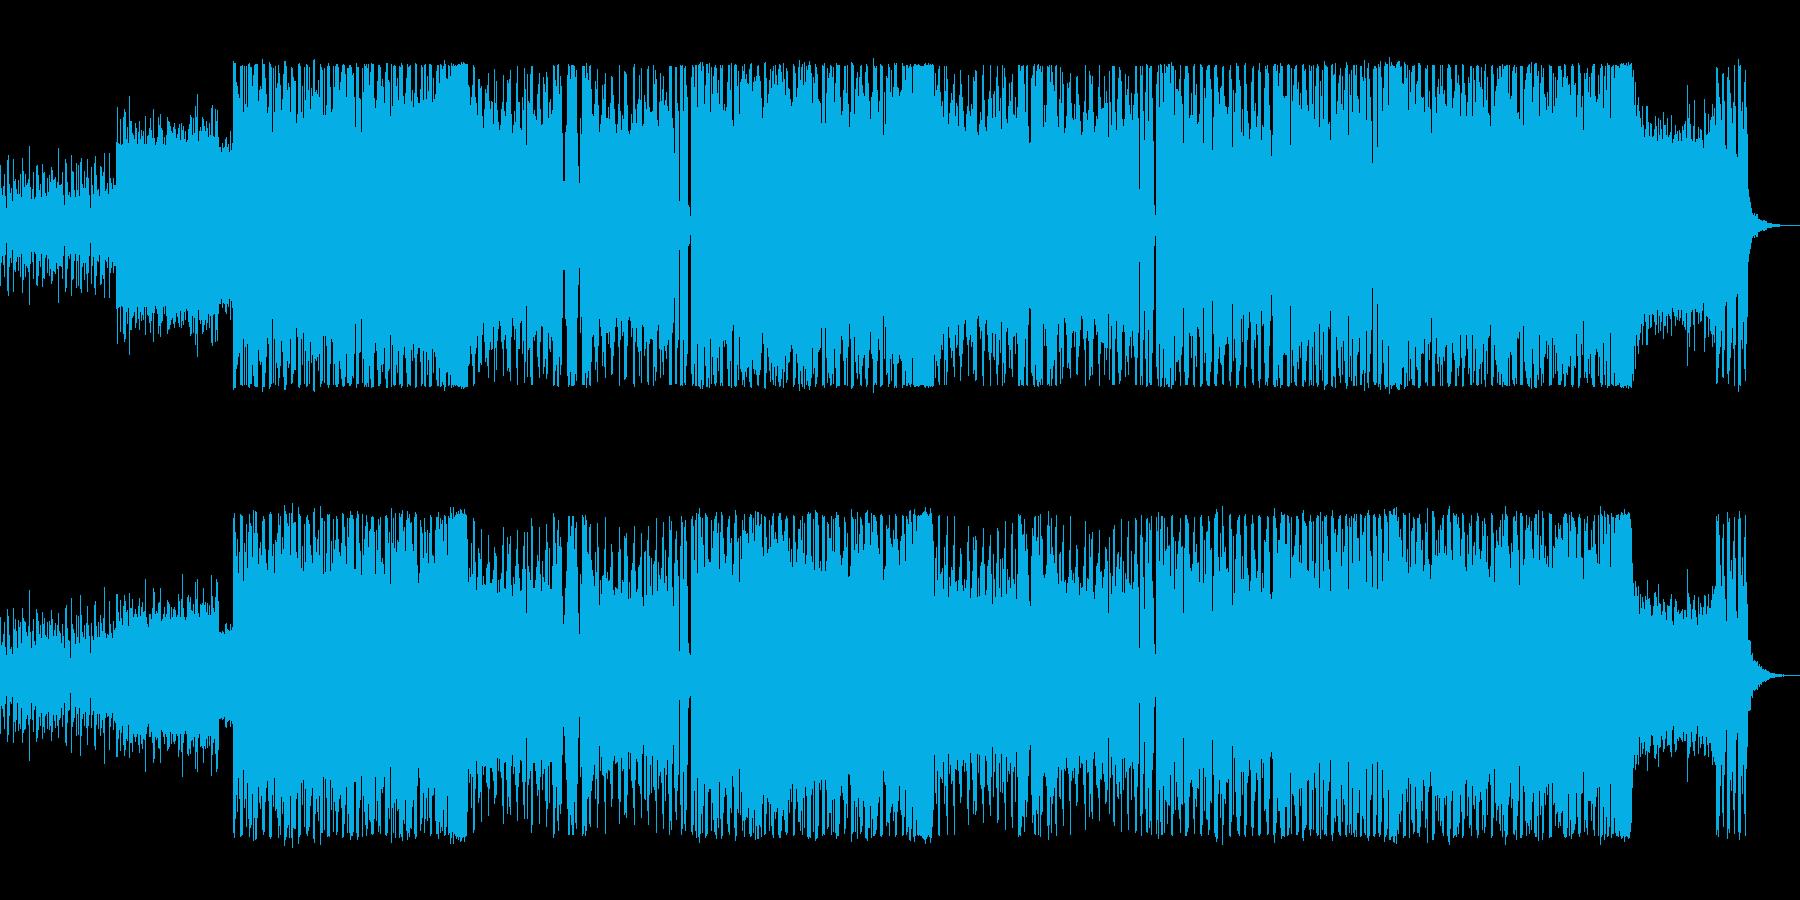 エレキギターが印象的なロックの再生済みの波形